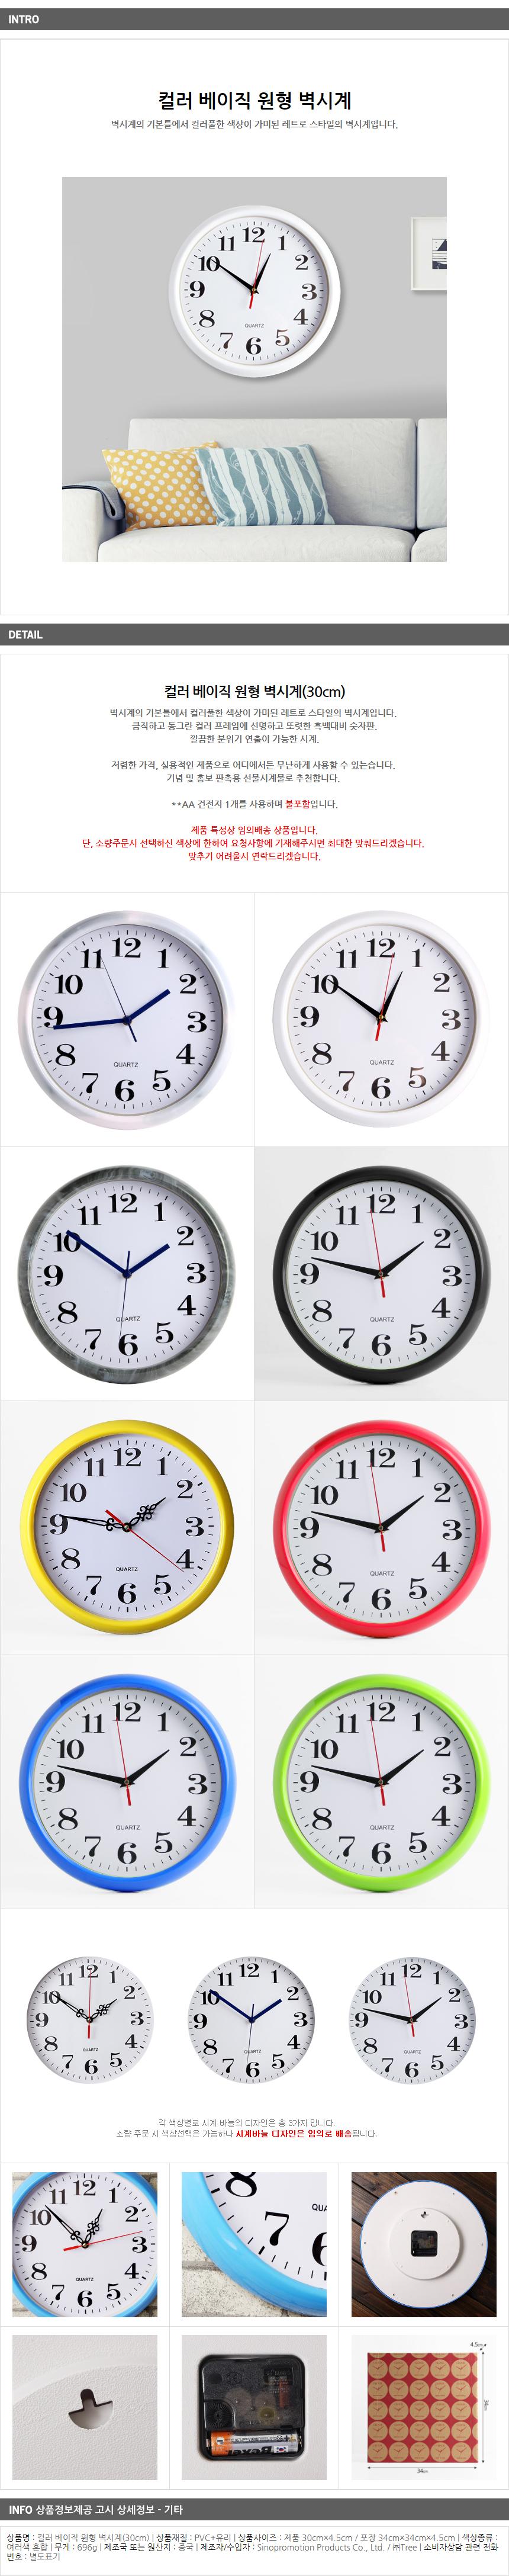 컬러베이직 원형 벽시계/거실 사무실 실내 벽걸이시계 - 기프트갓, 9,470원, 벽시계, 디자인벽시계